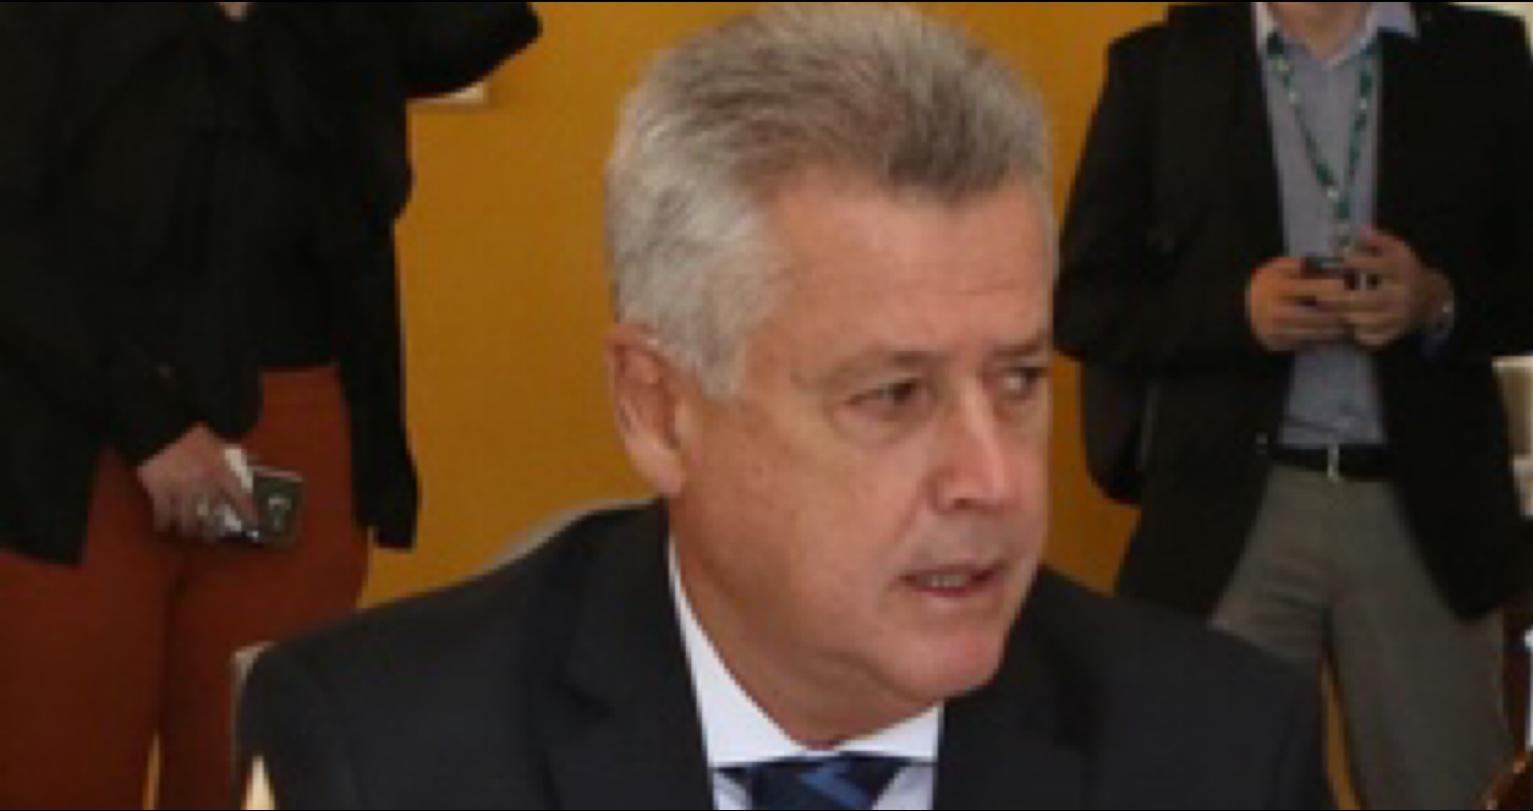 Privatização da CEB: Na campanha, Ibaneis afirmou que não privatizaria nenhuma estatal. Mentiu. Enganou